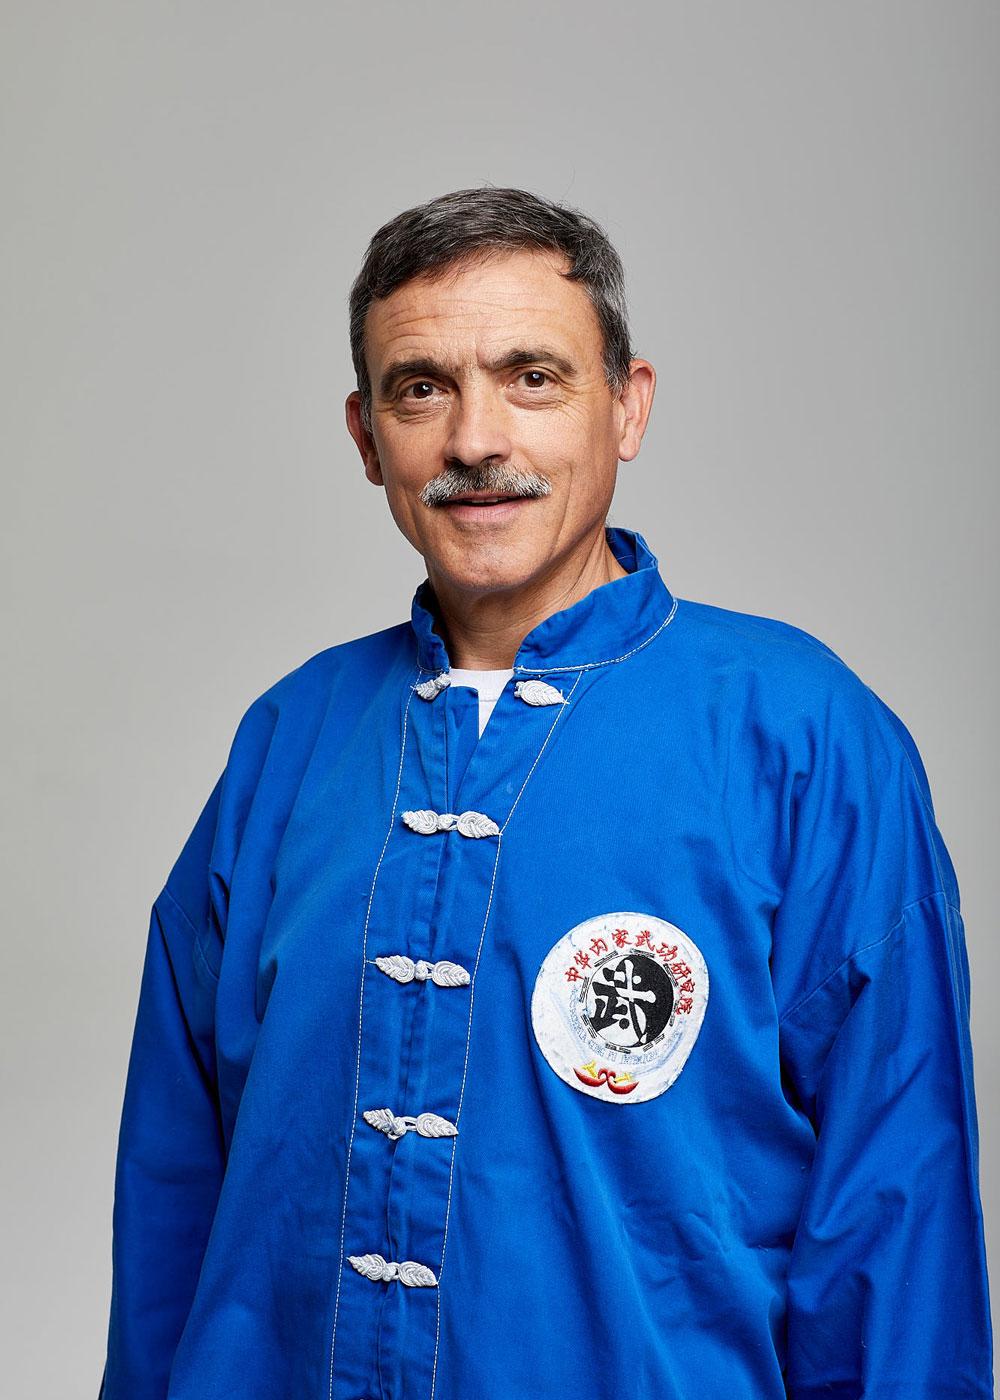 Giampietro Castagna